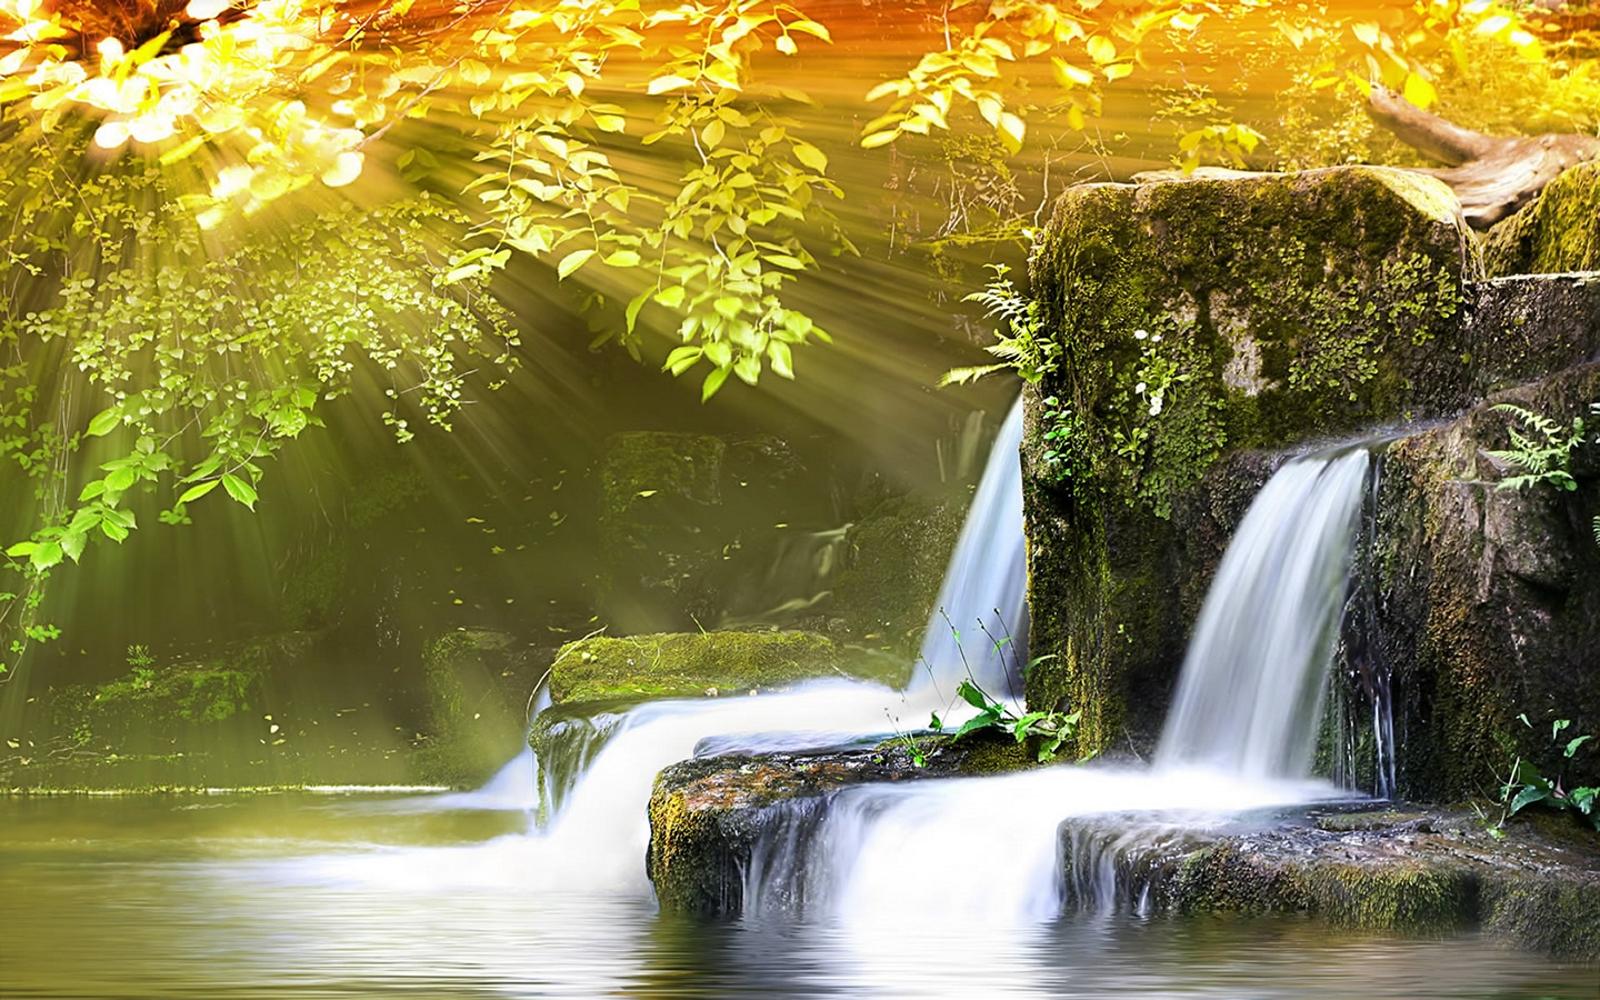 صوره صور رائعة من الطبيعة, صور جنان من الطبيعية الخلابة